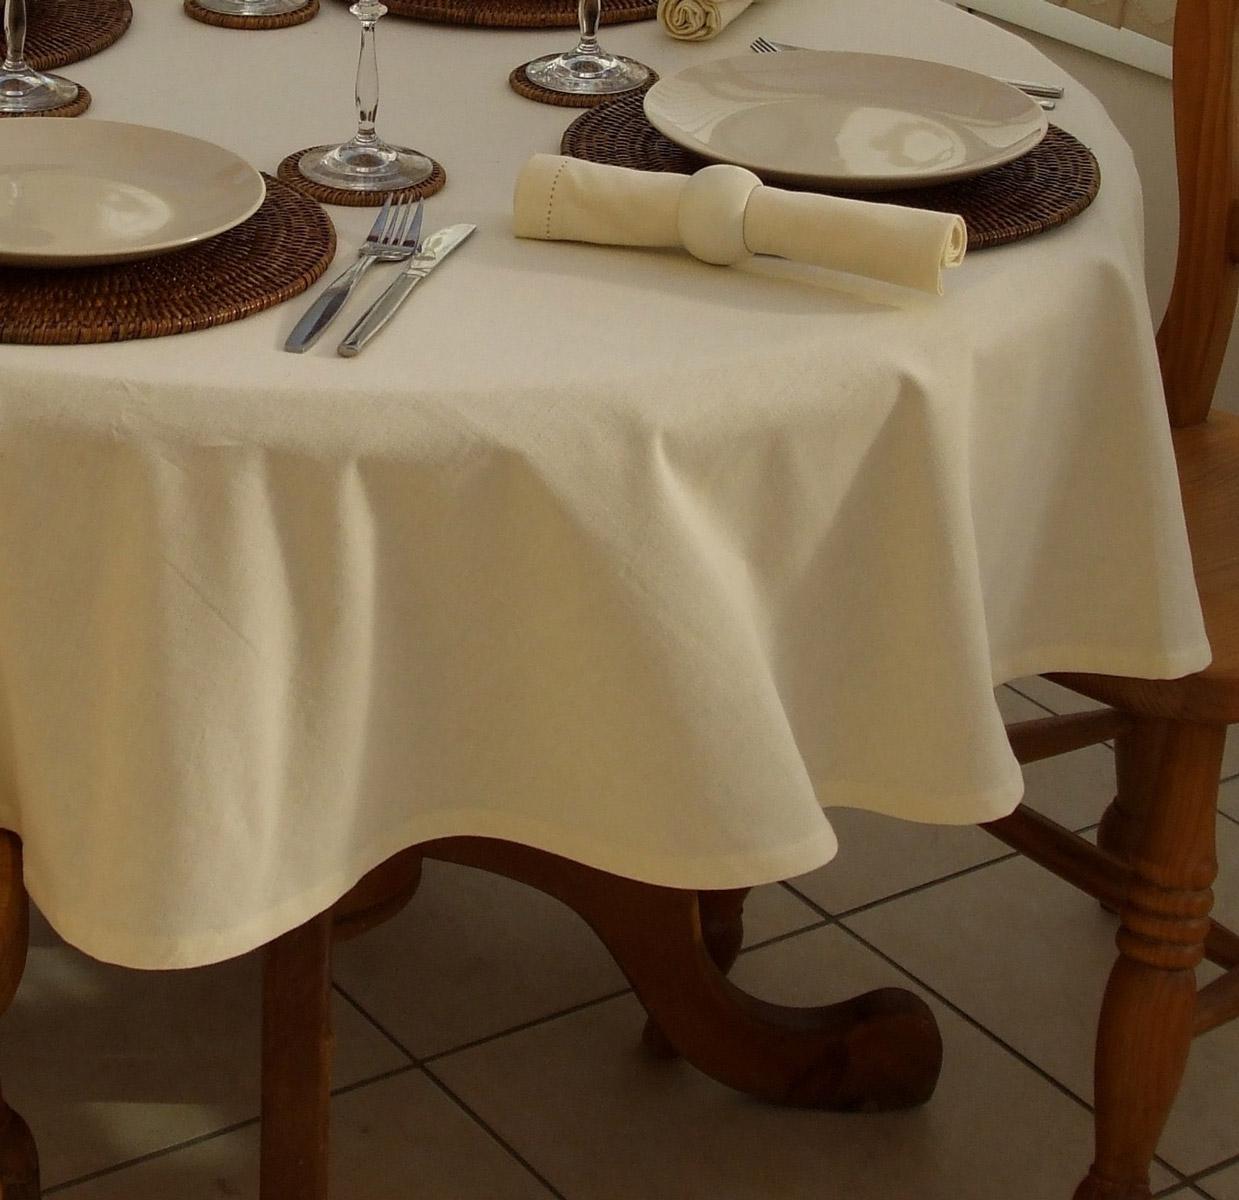 Скатертину на круглий стіл: вибрані ідеї для інтерєру, стилі та особливості матеріалів